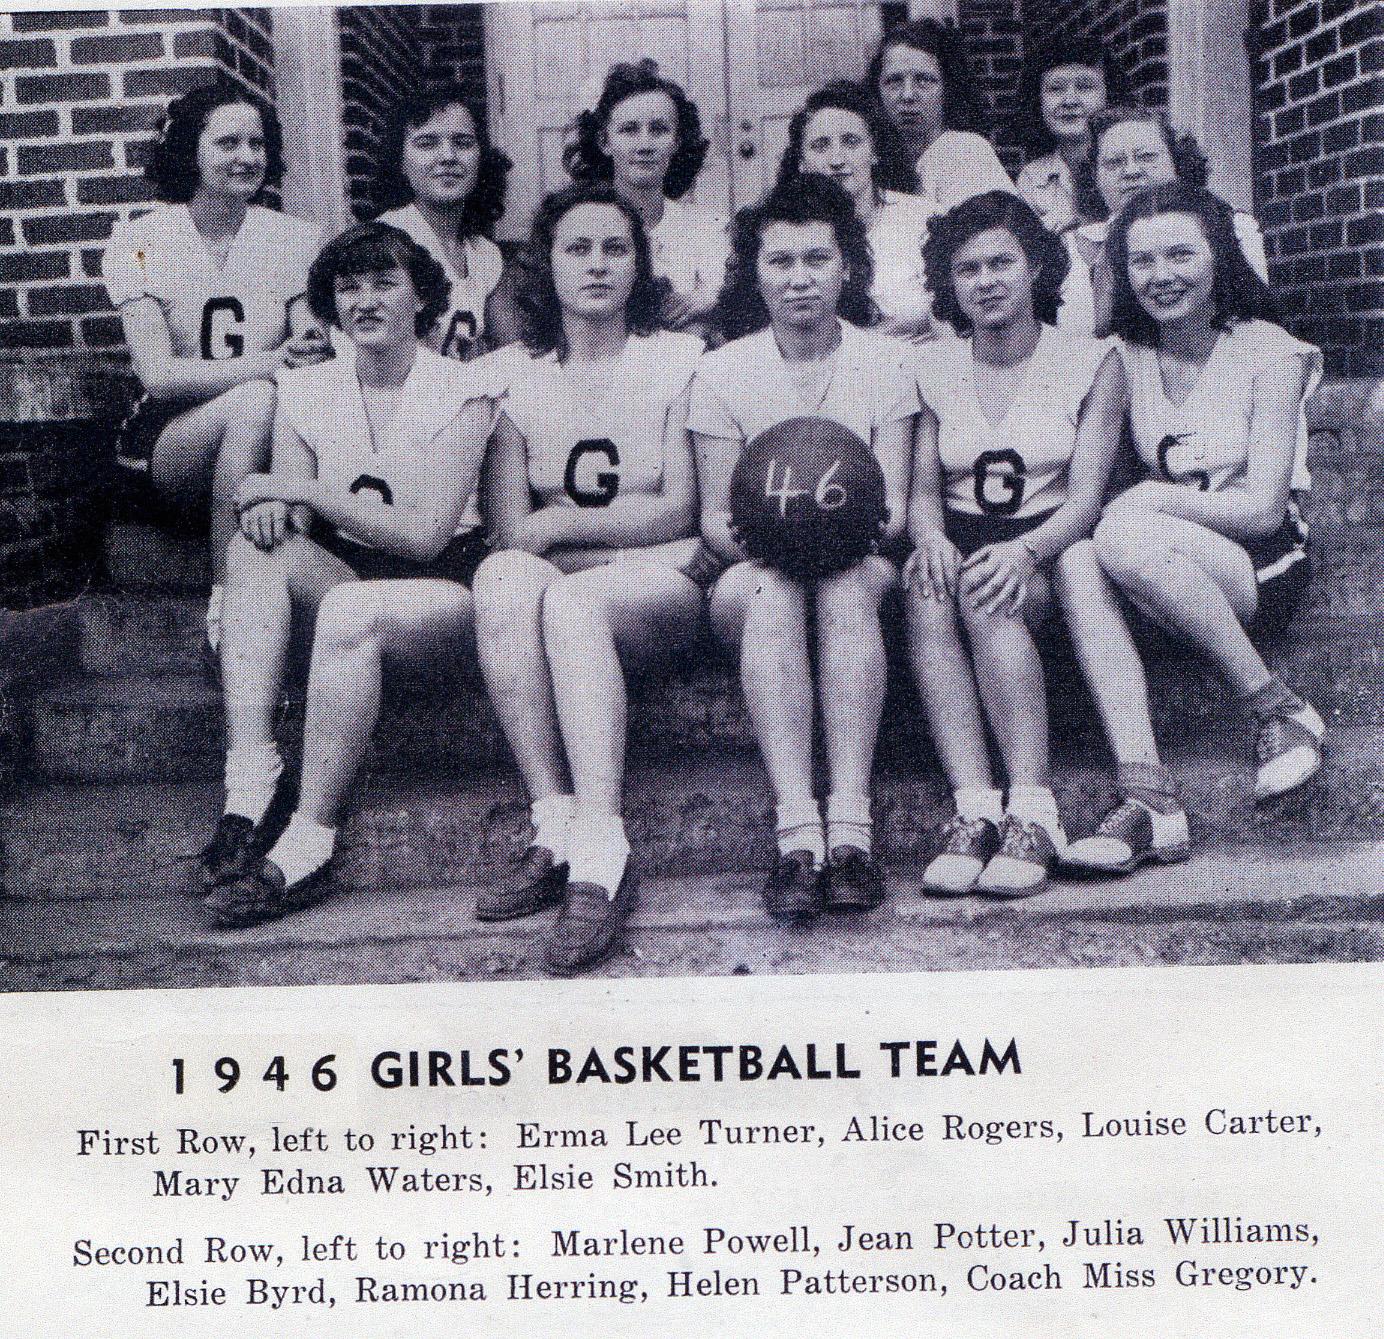 BFG Girl's Basketball Team 1946